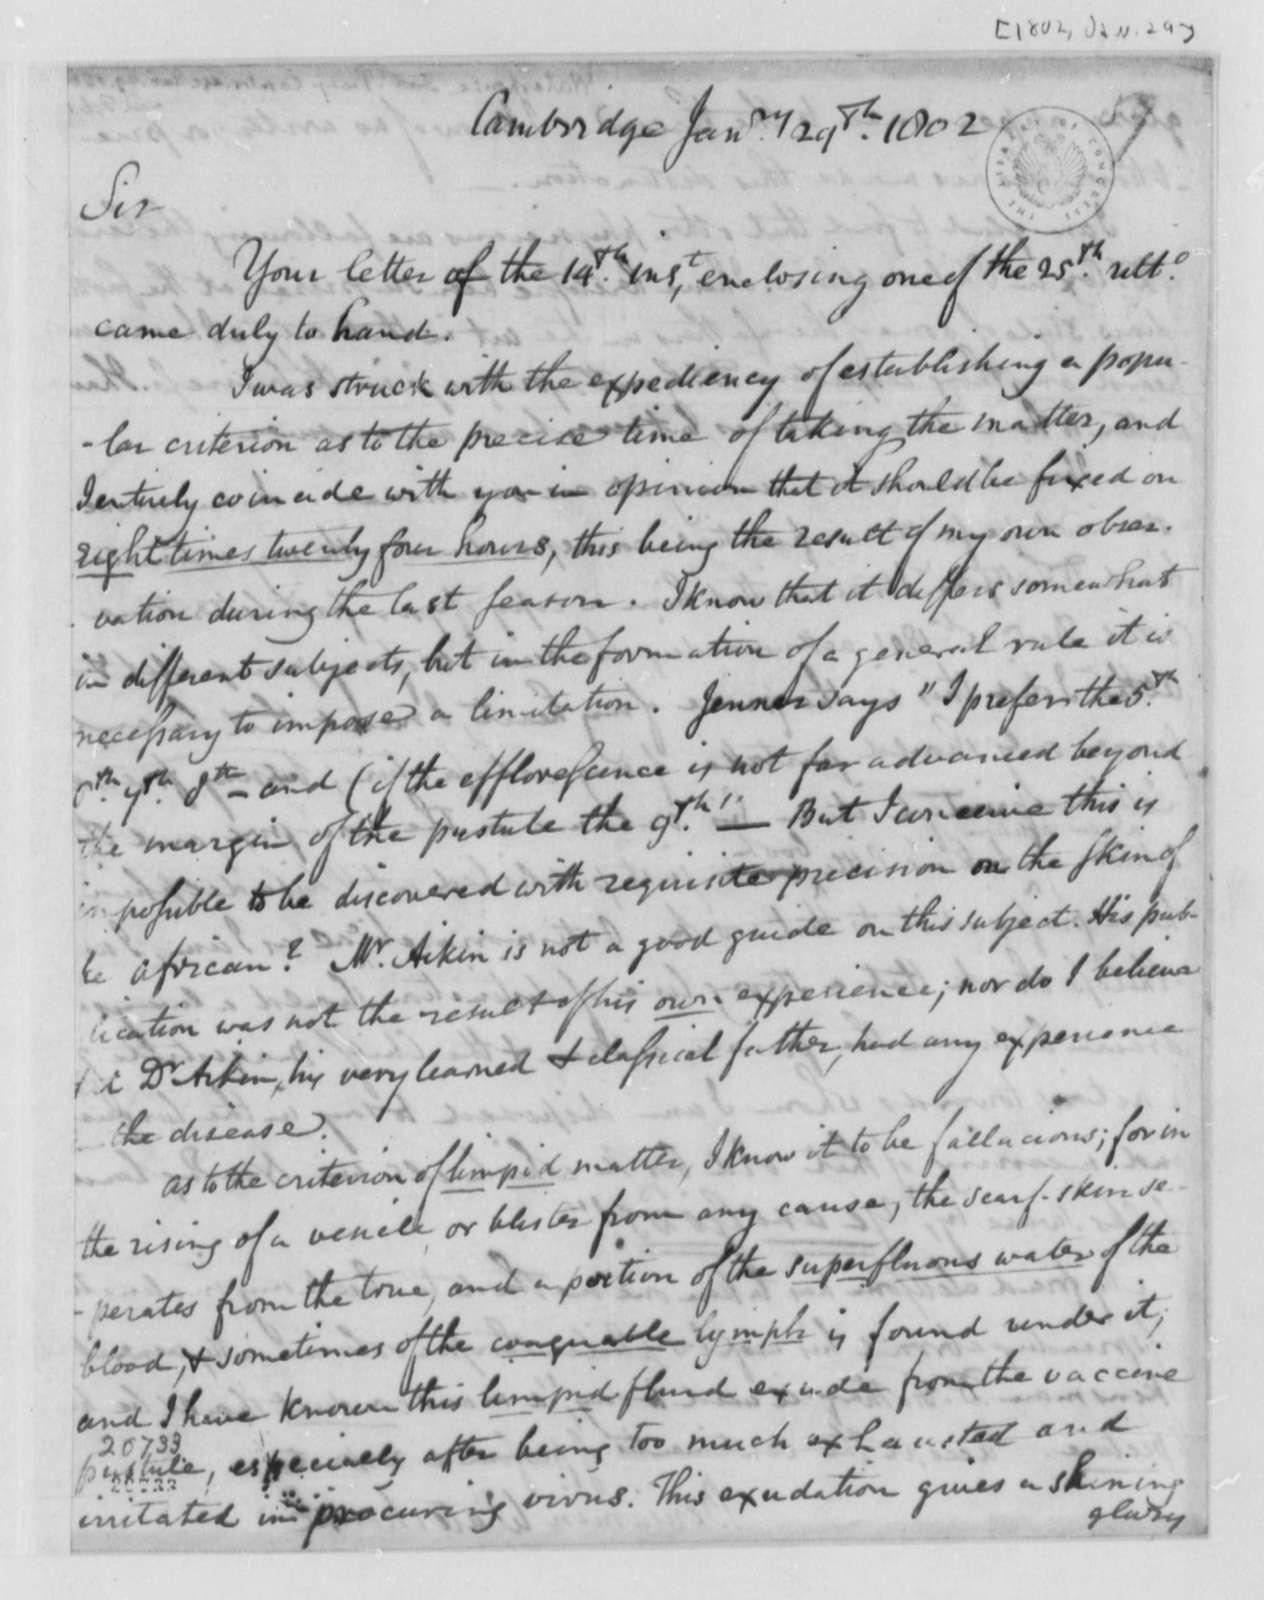 Benjamin Waterhouse to Thomas Jefferson, January 29, 1802